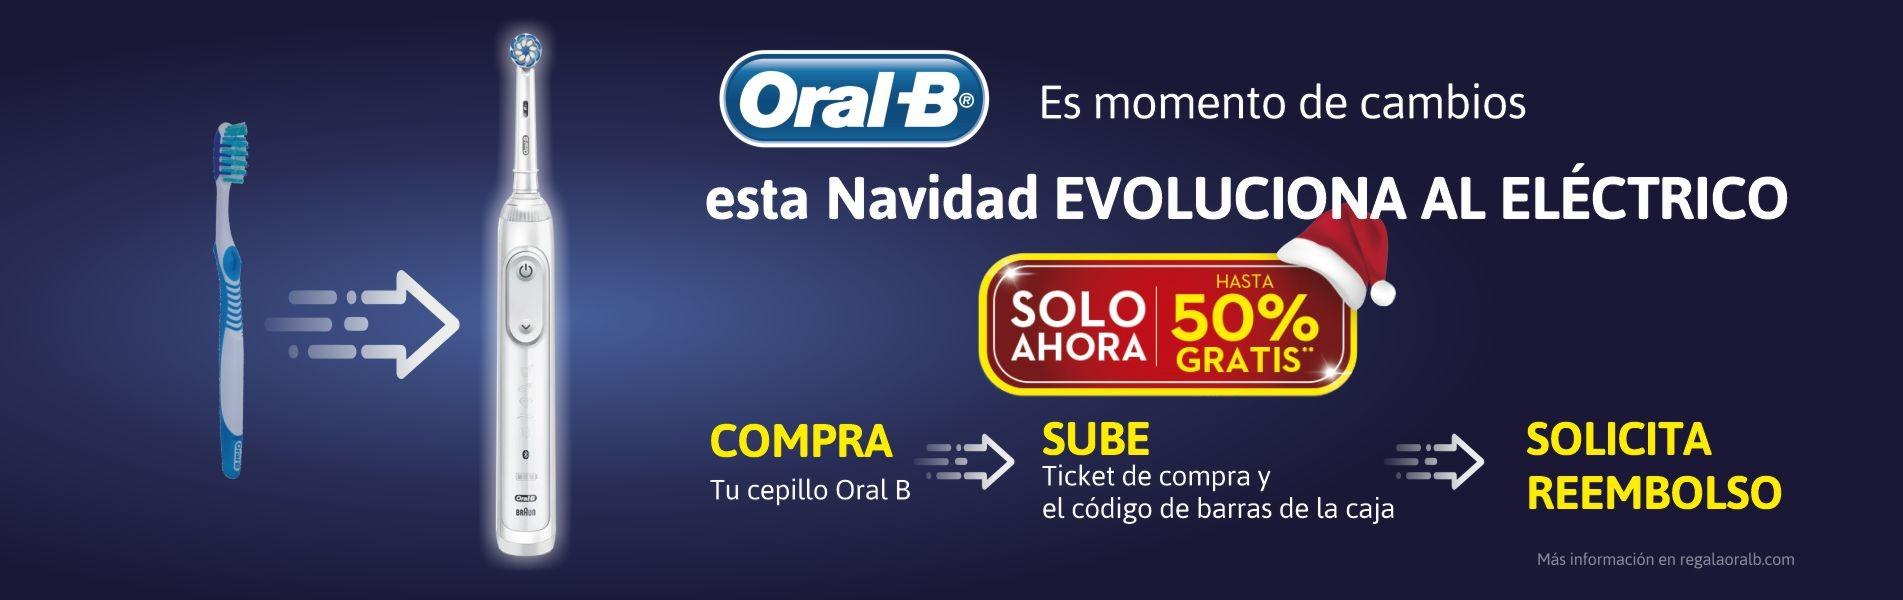 Oral B renueva a eléctrico